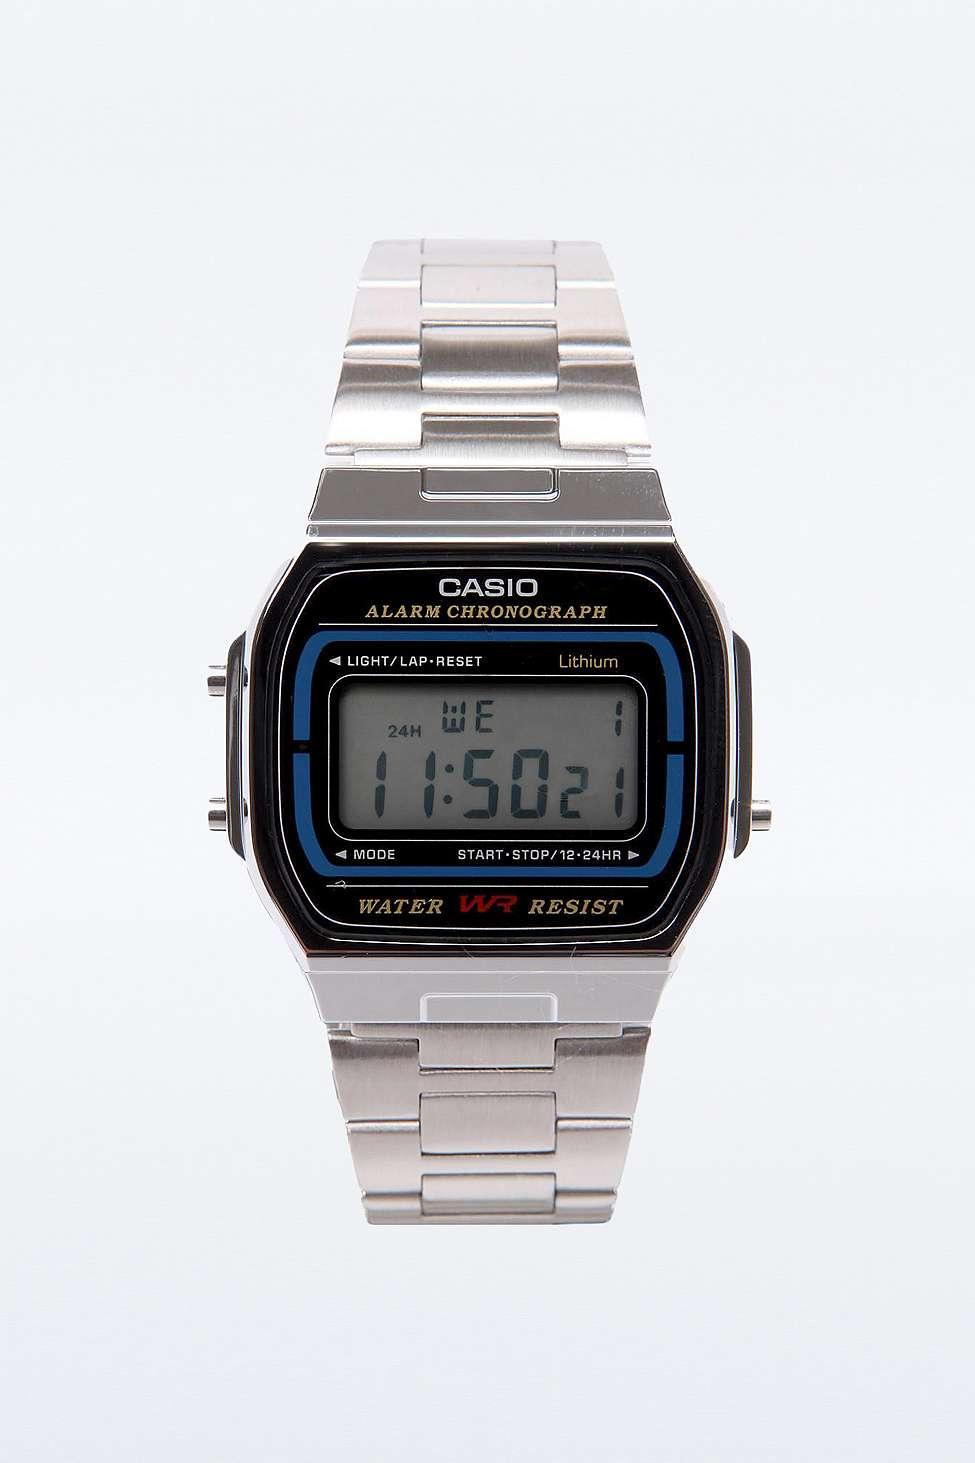 Montre - Casio Image